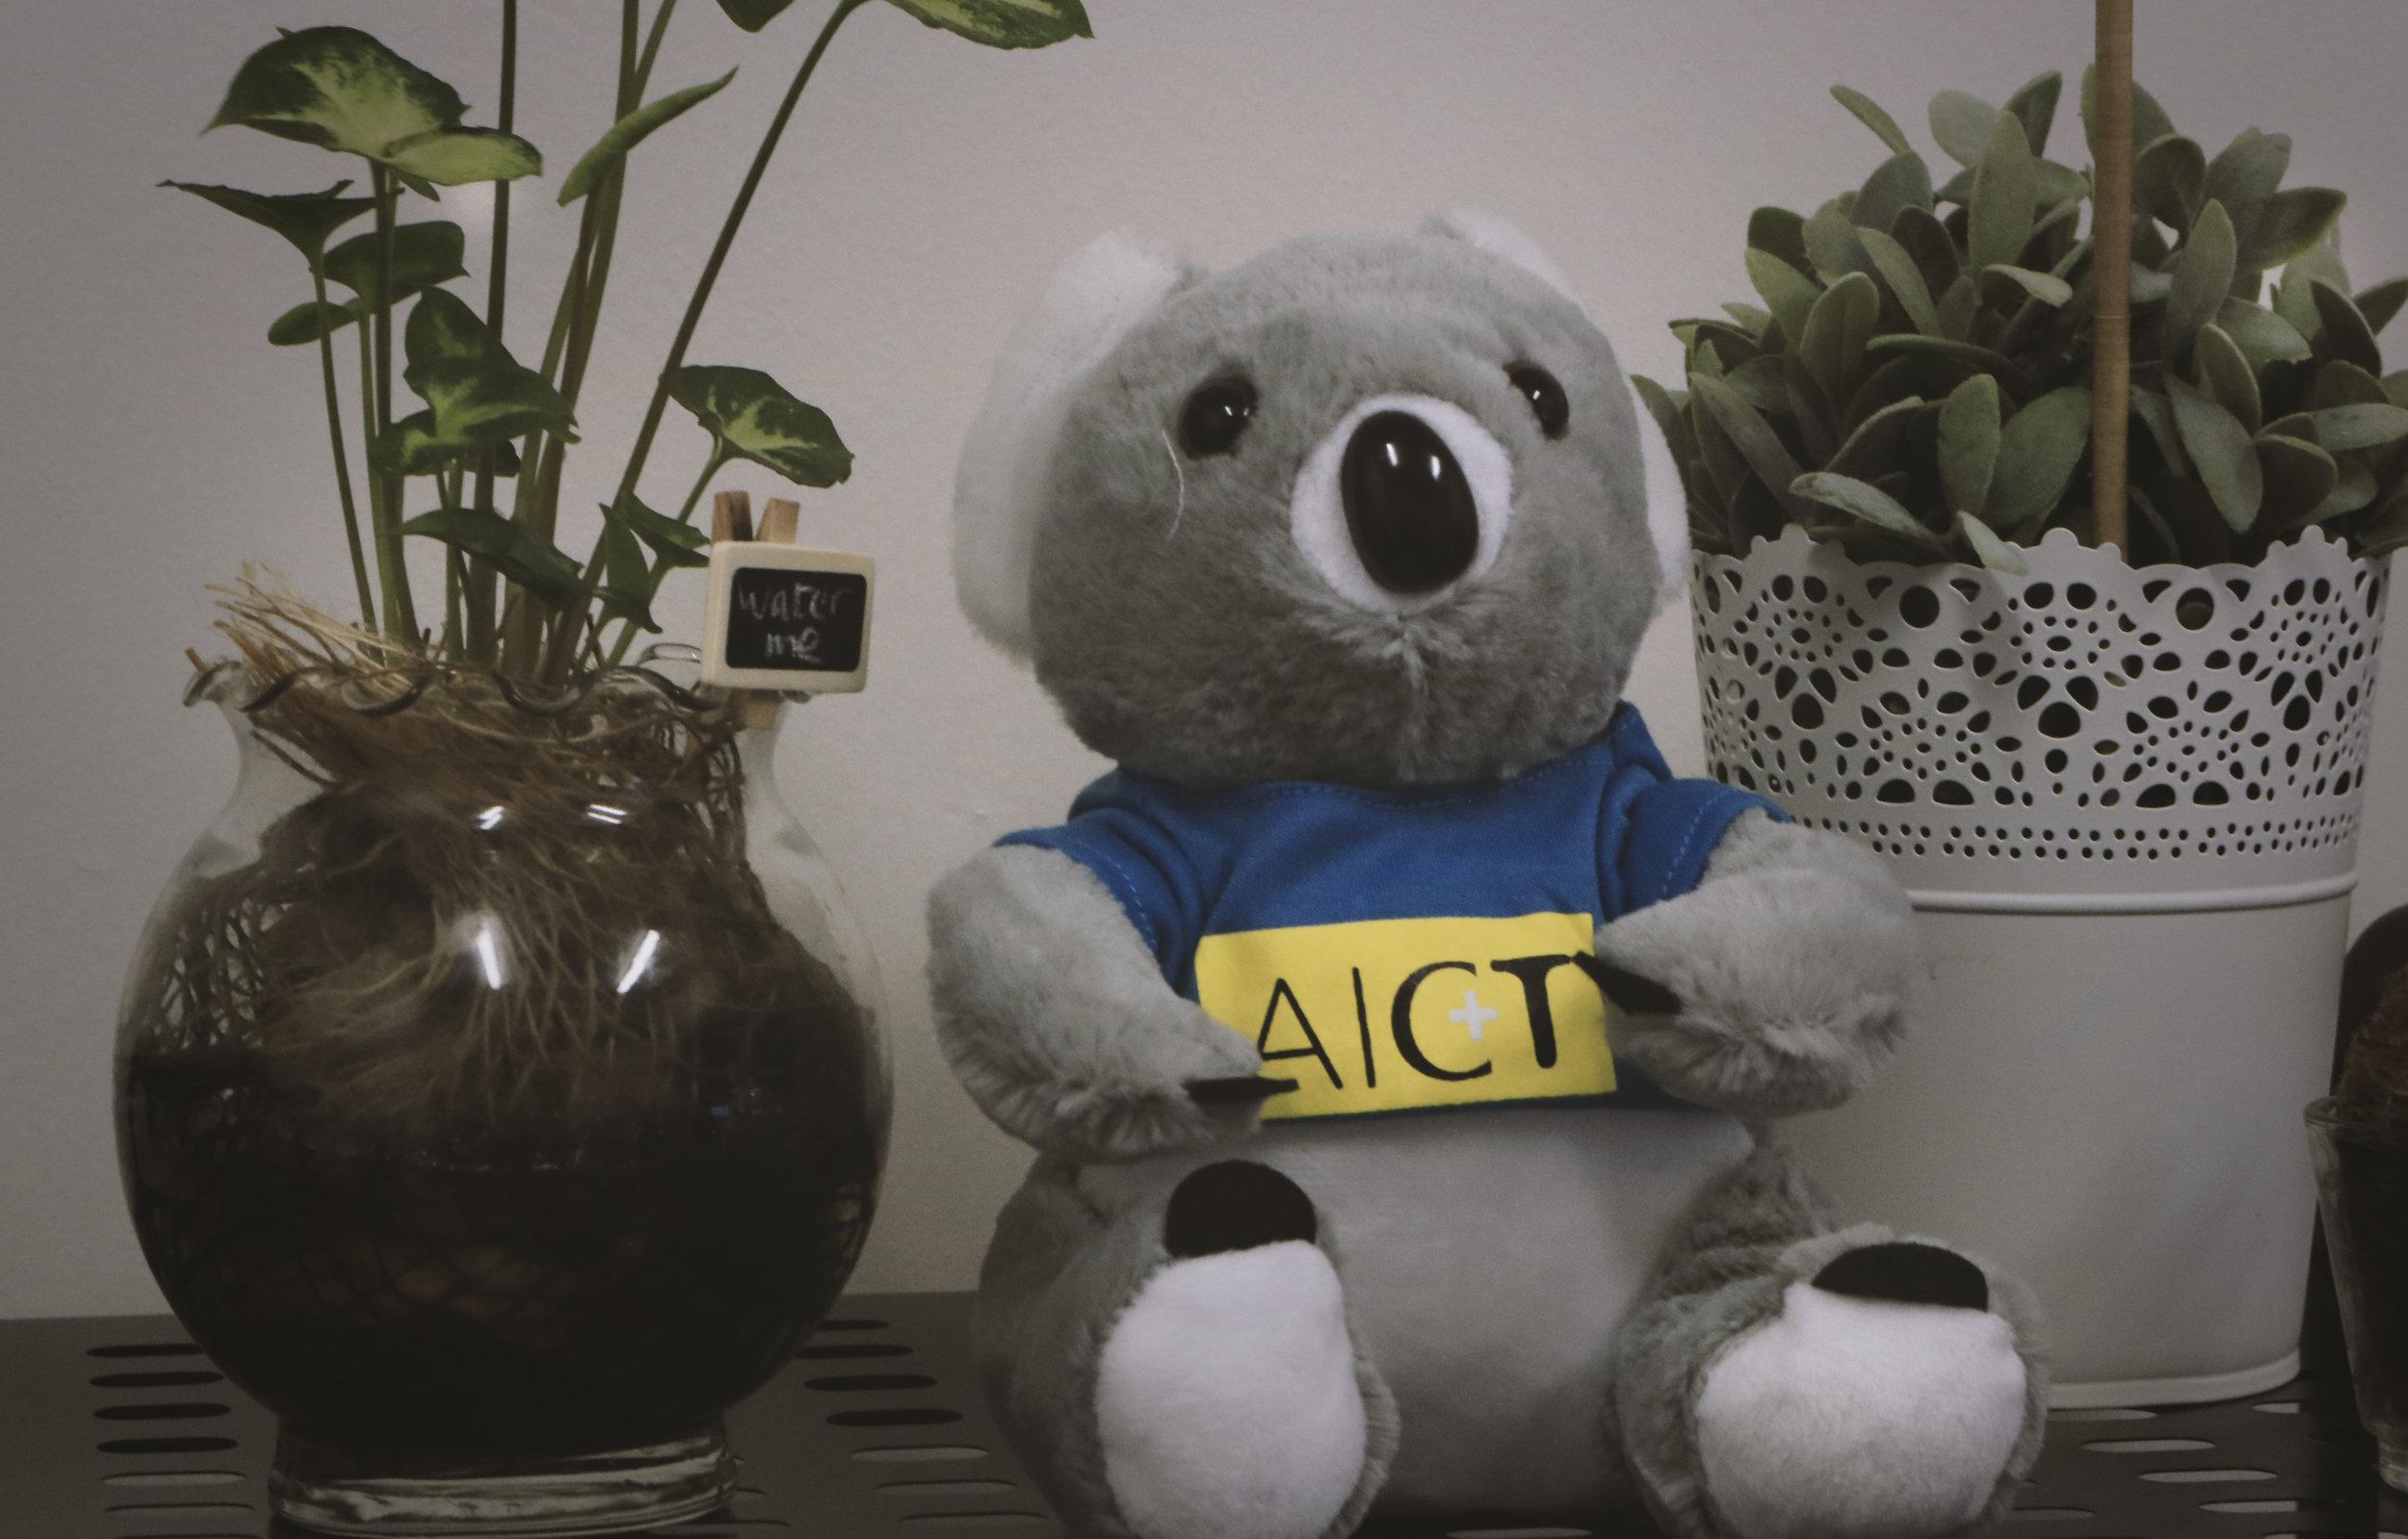 AICT Bear